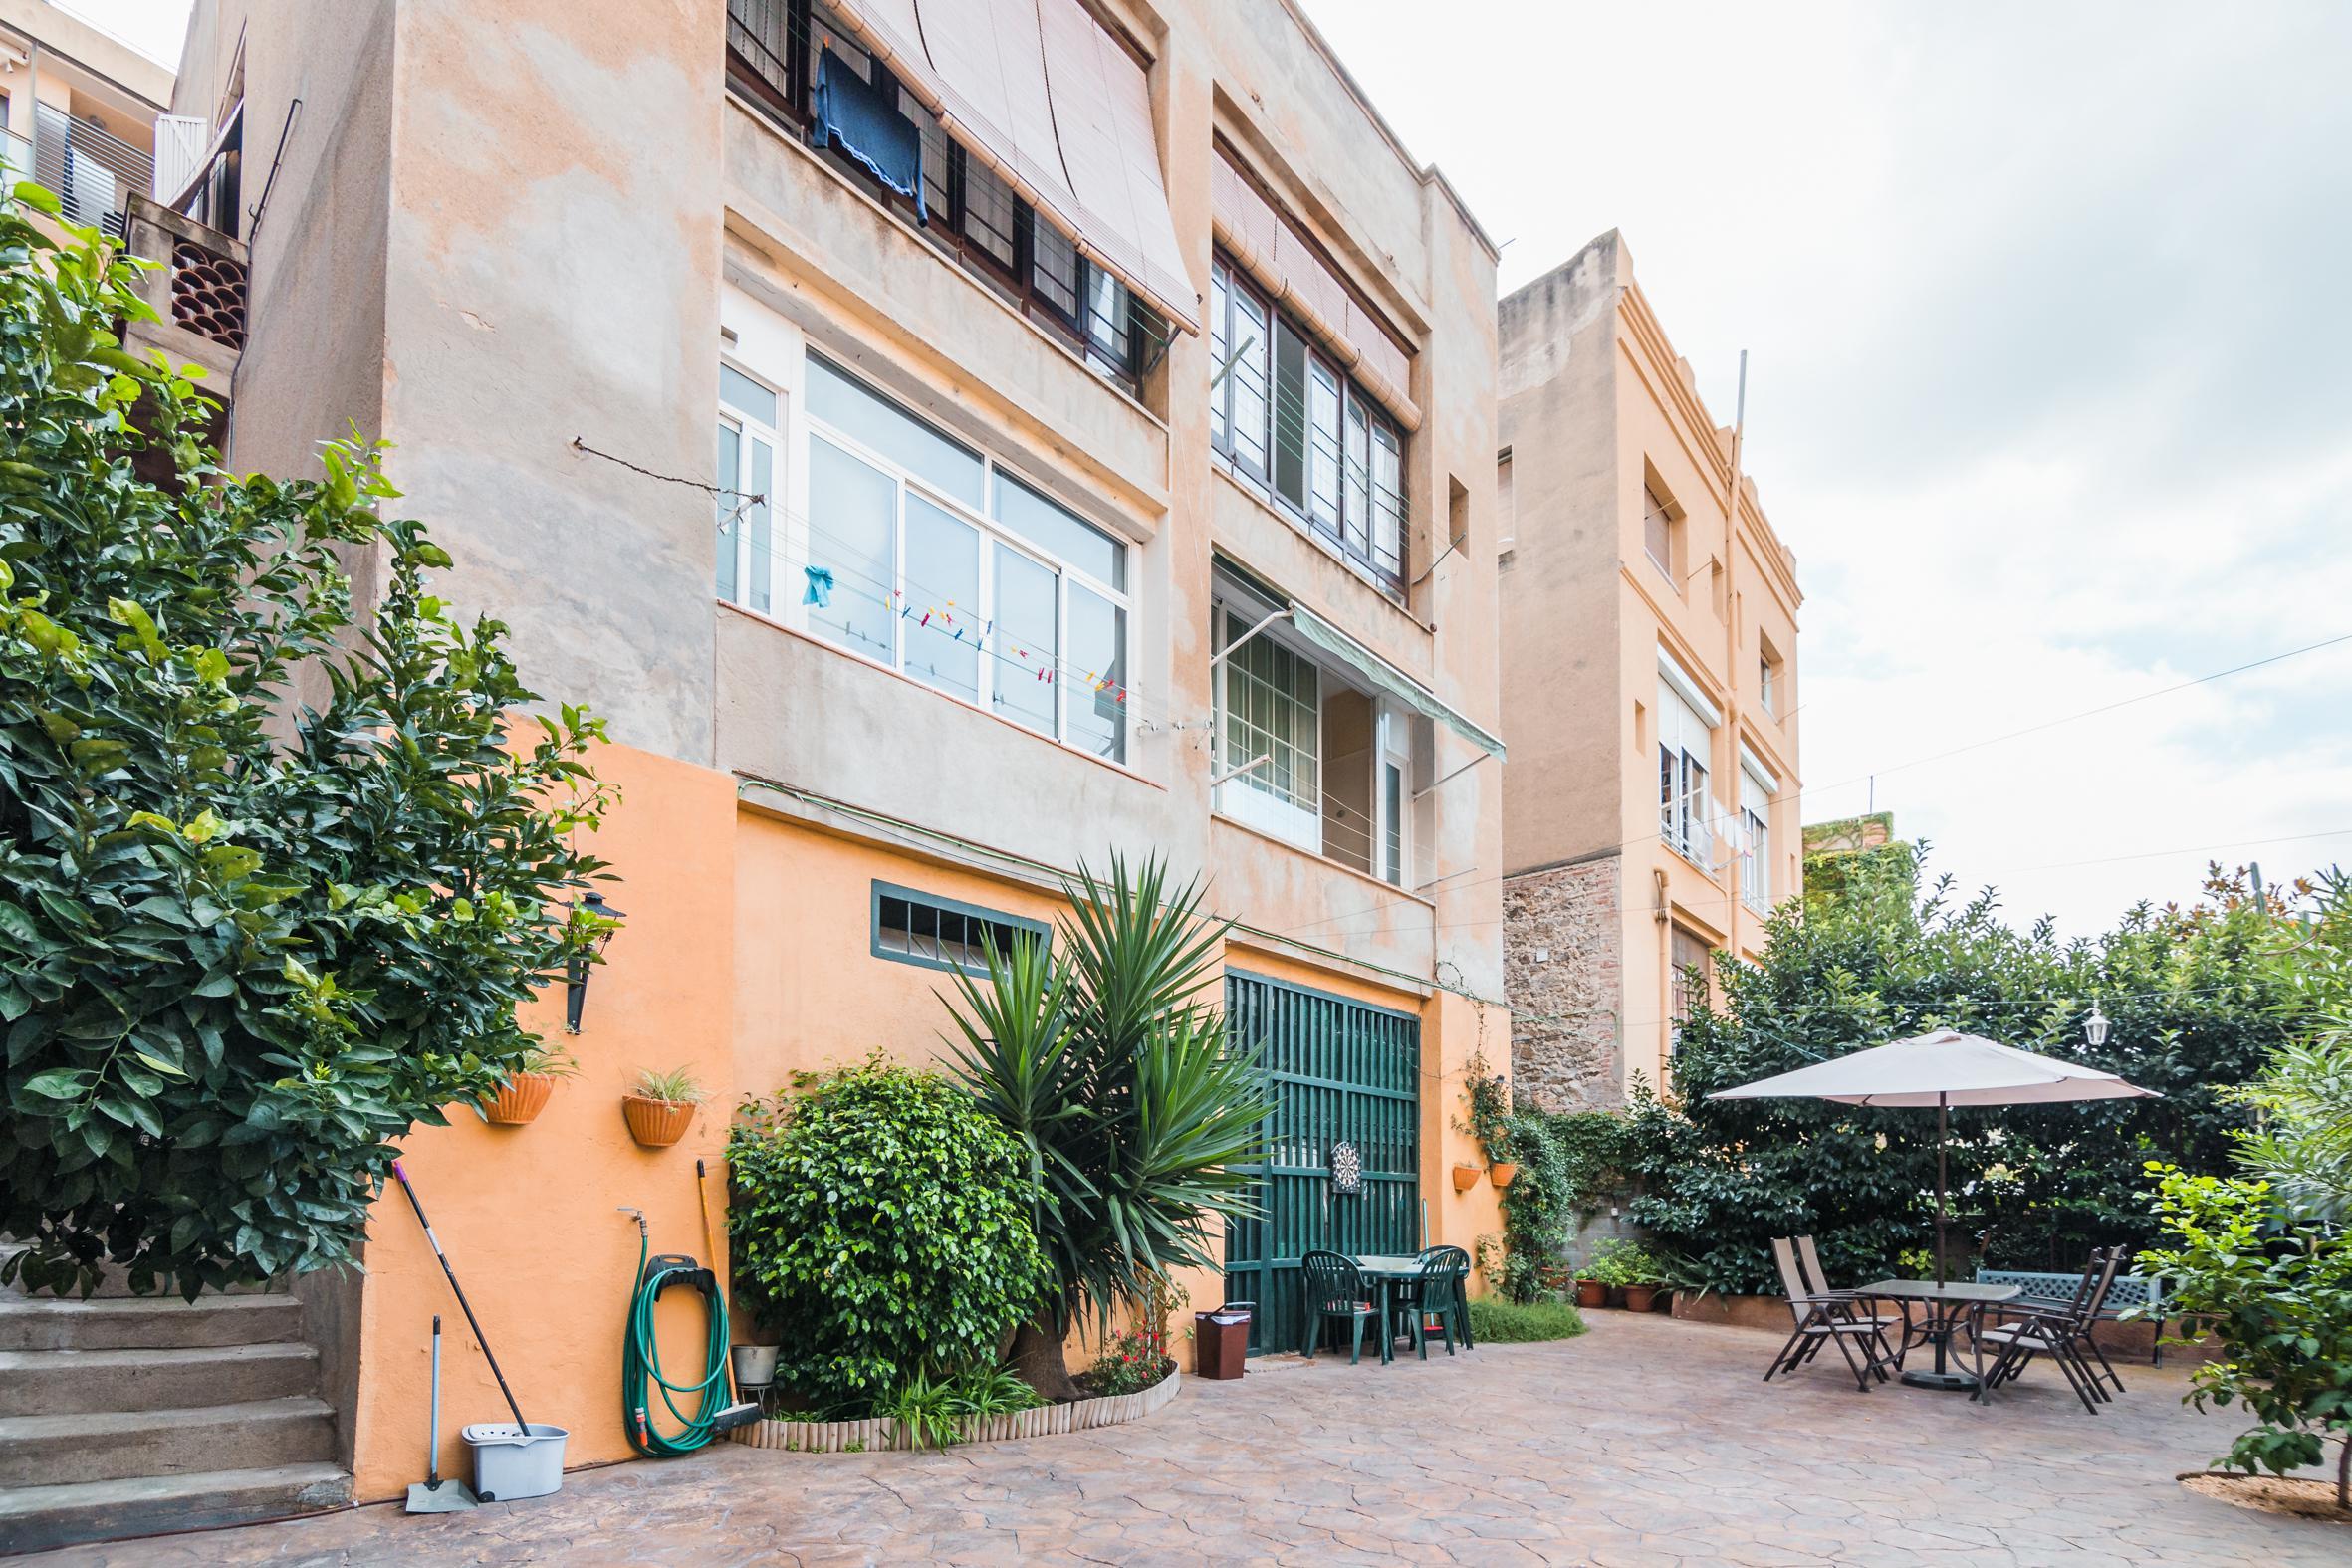 195622 Piso en venta en Sarrià-Sant Gervasi, El Putxet i Farró 17